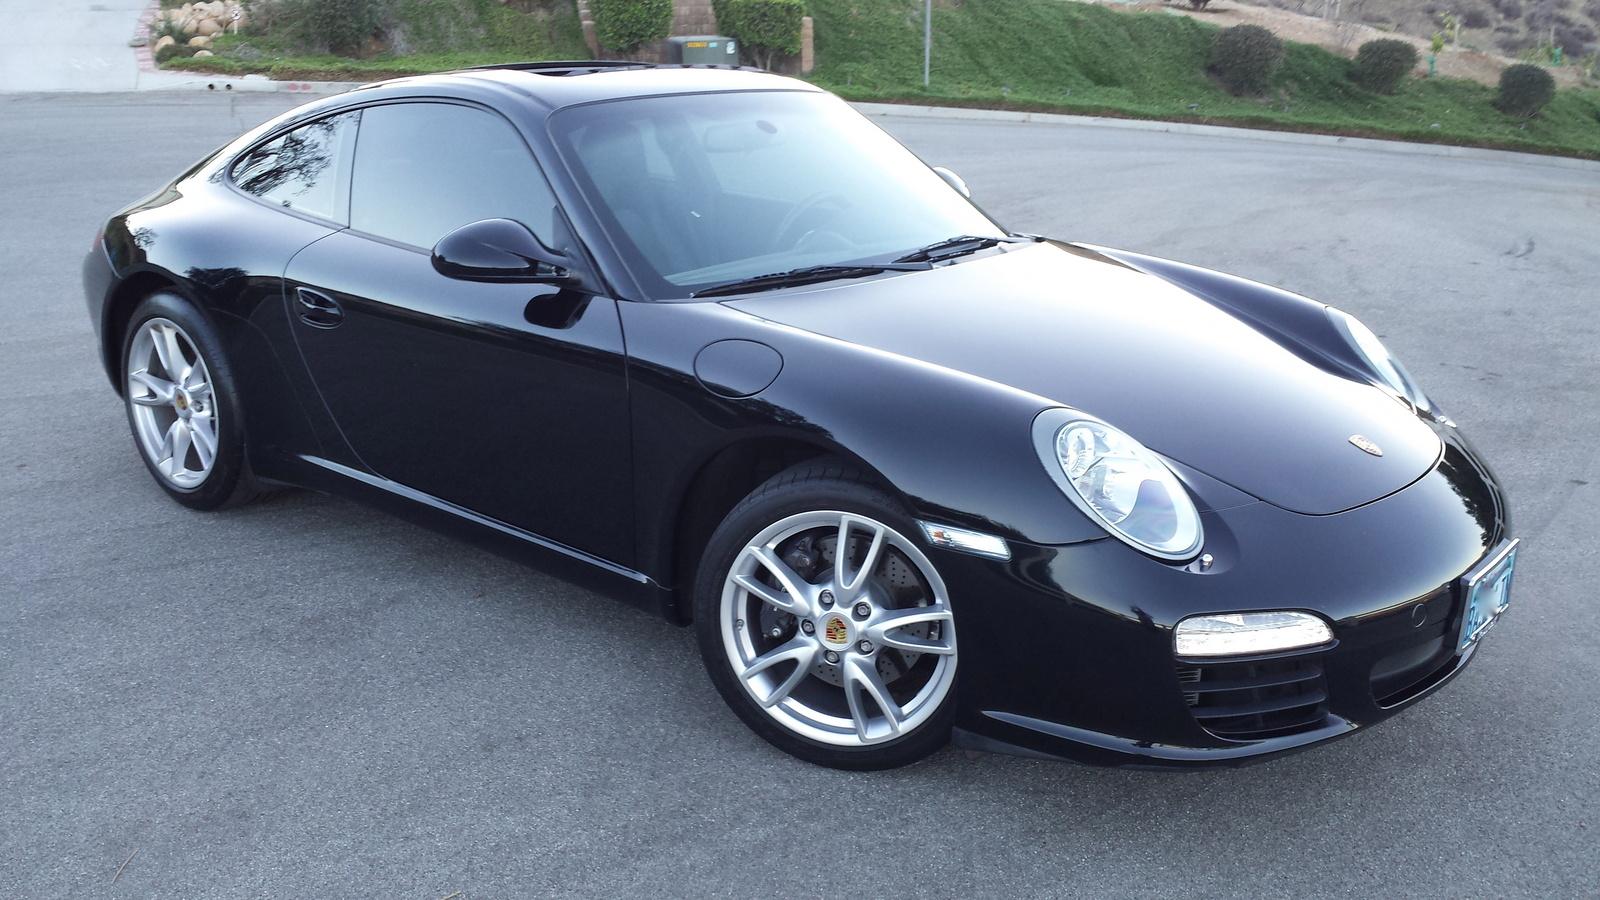 2009 Porsche 911 Pictures Cargurus